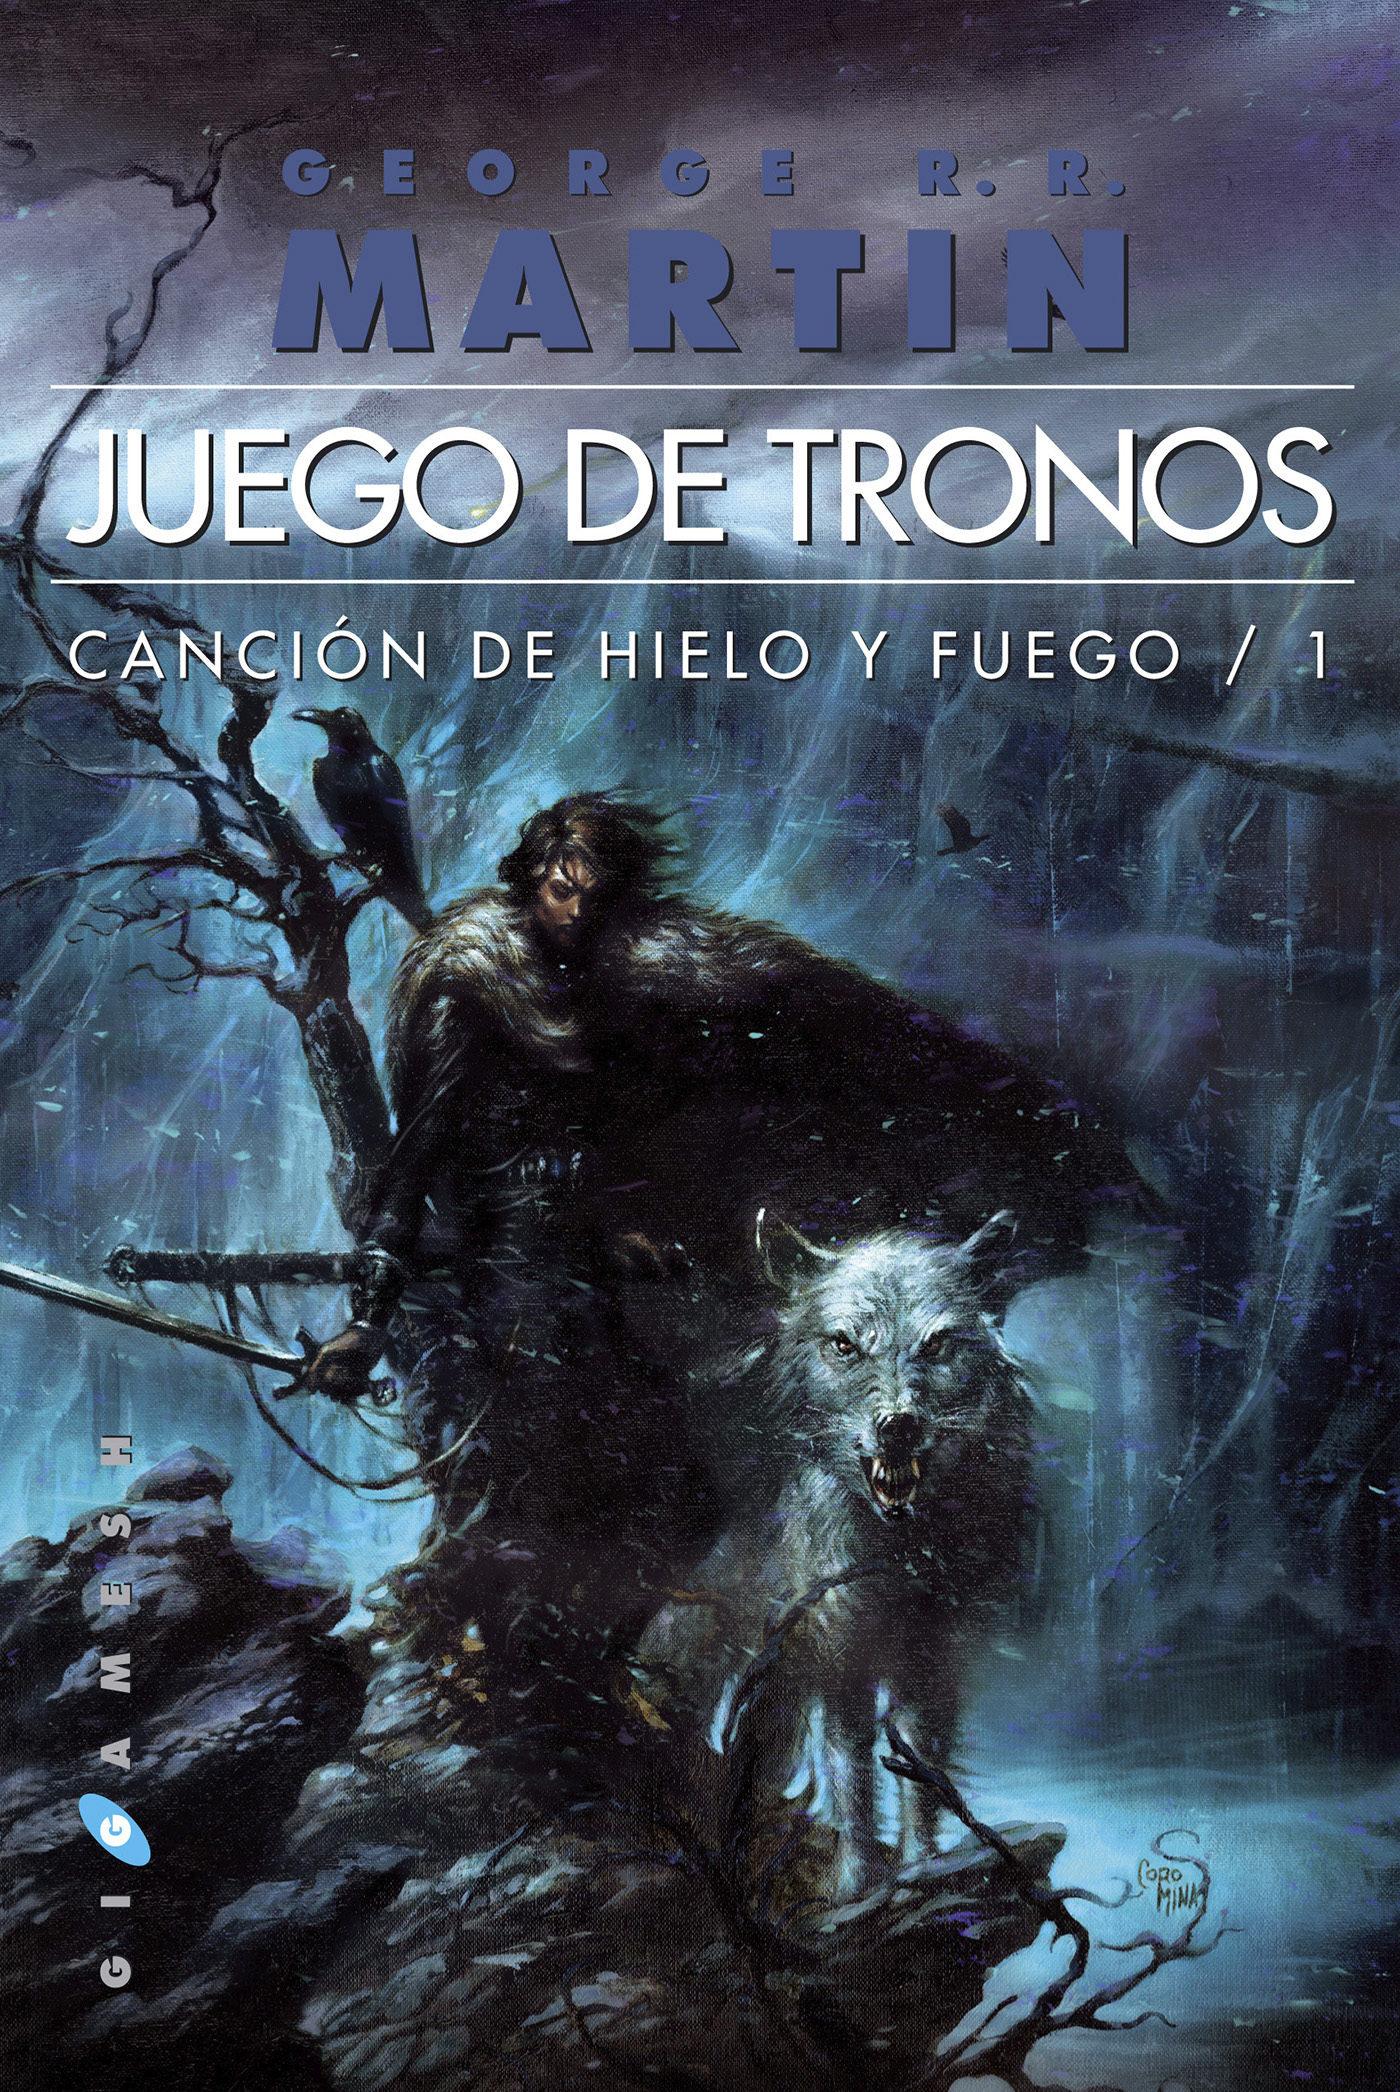 Image result for juego de tronos libro